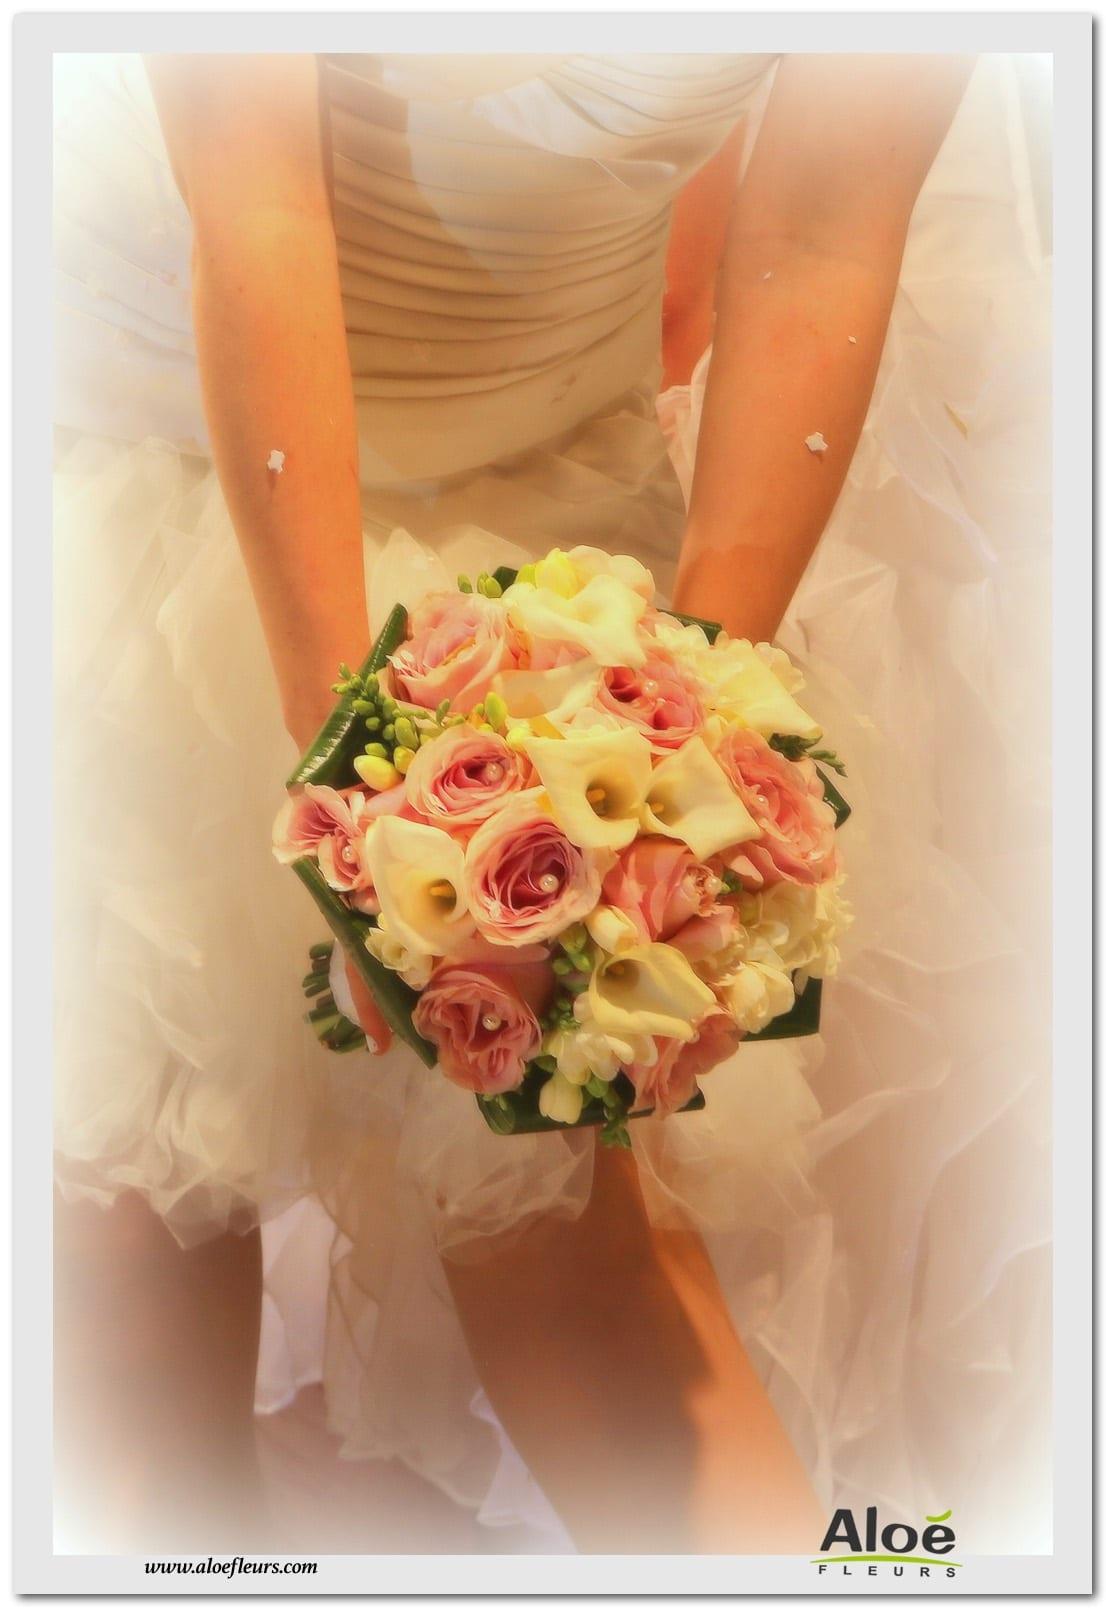 bouquets de mari e rond en images page 2 aloe fleurs. Black Bedroom Furniture Sets. Home Design Ideas